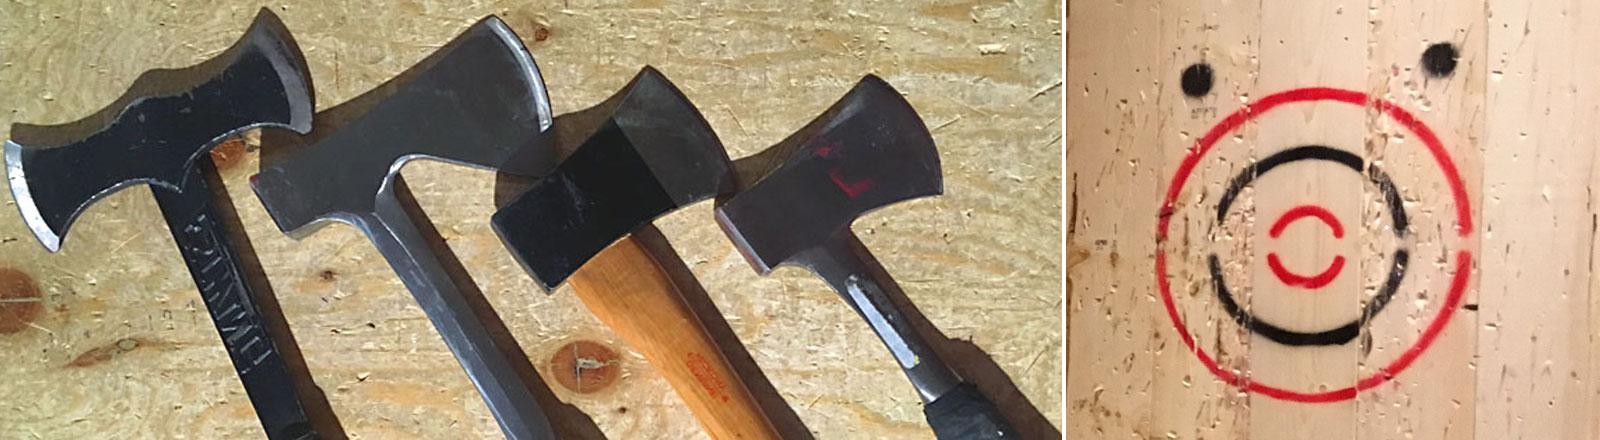 Vier Äxte liegen nebeneinander, daneben eine Zielscheibe aus Holz